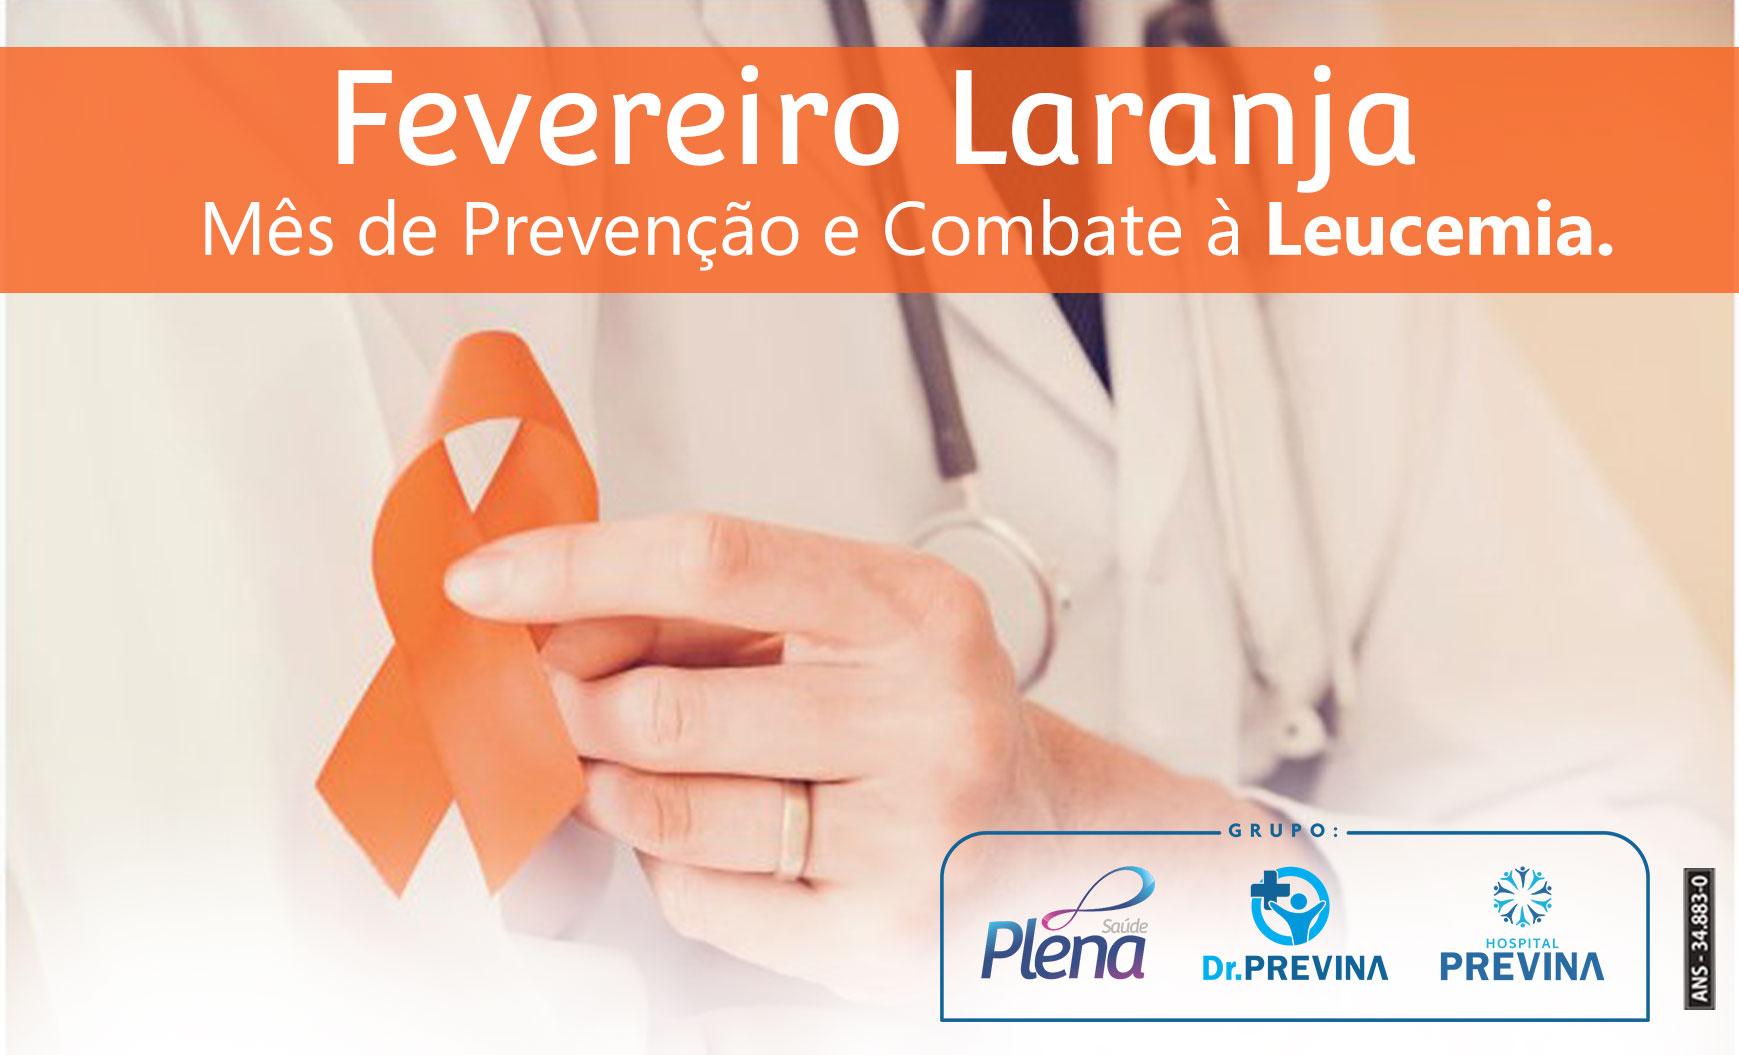 Fevereiro Laranja – Mês de prevenção e combate à Leucemia